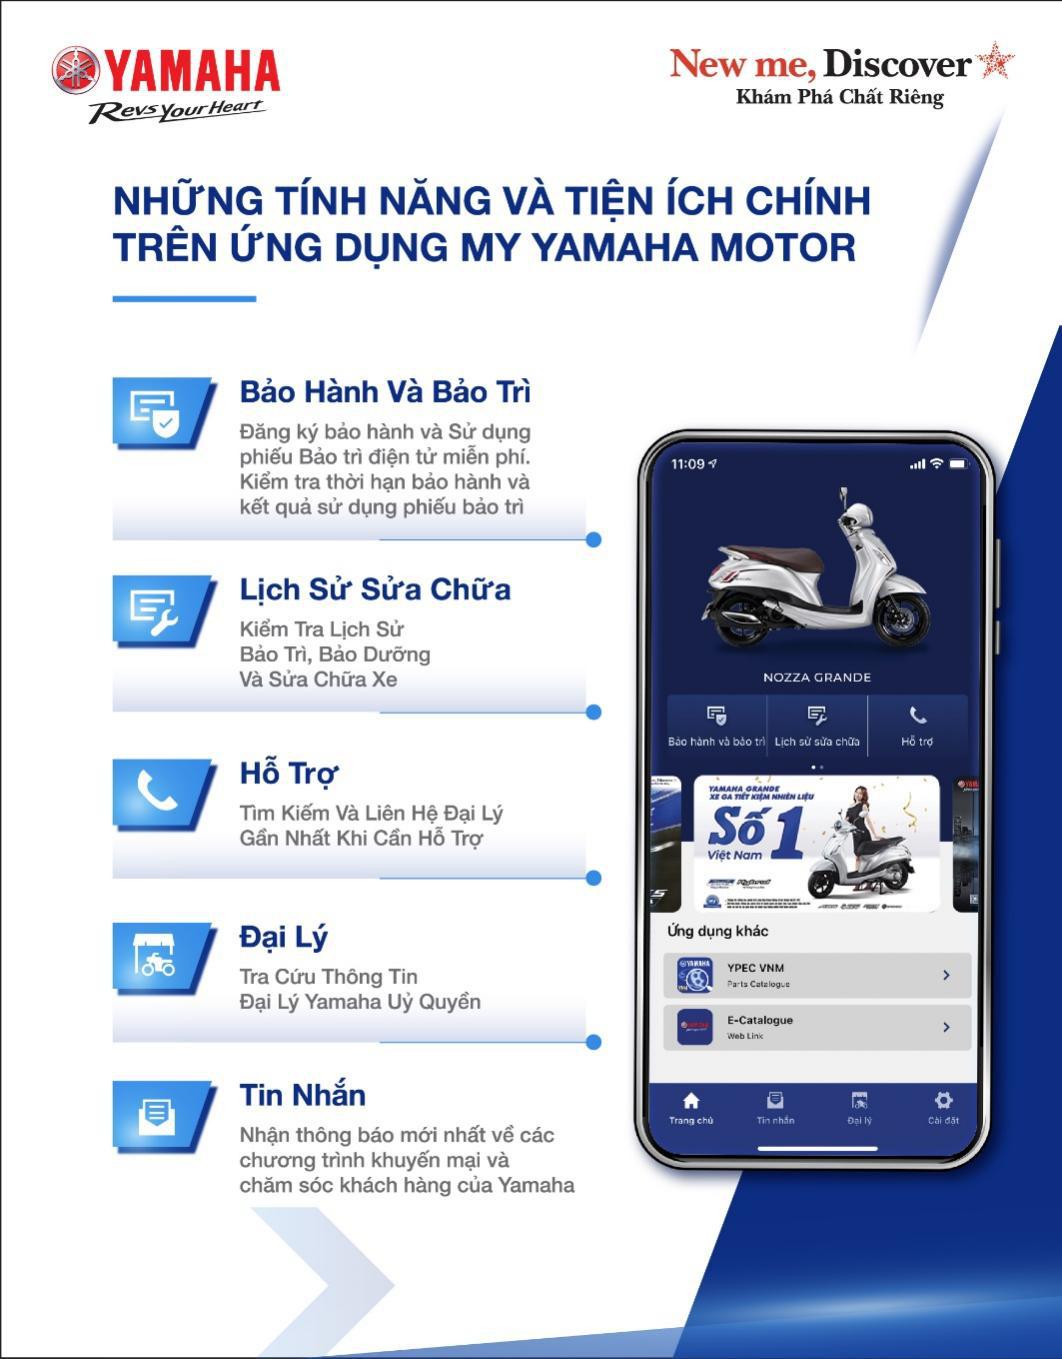 Yamaha ra mắt ứng dụng kết nối thông minh giữa con người và xe - Ảnh 1.